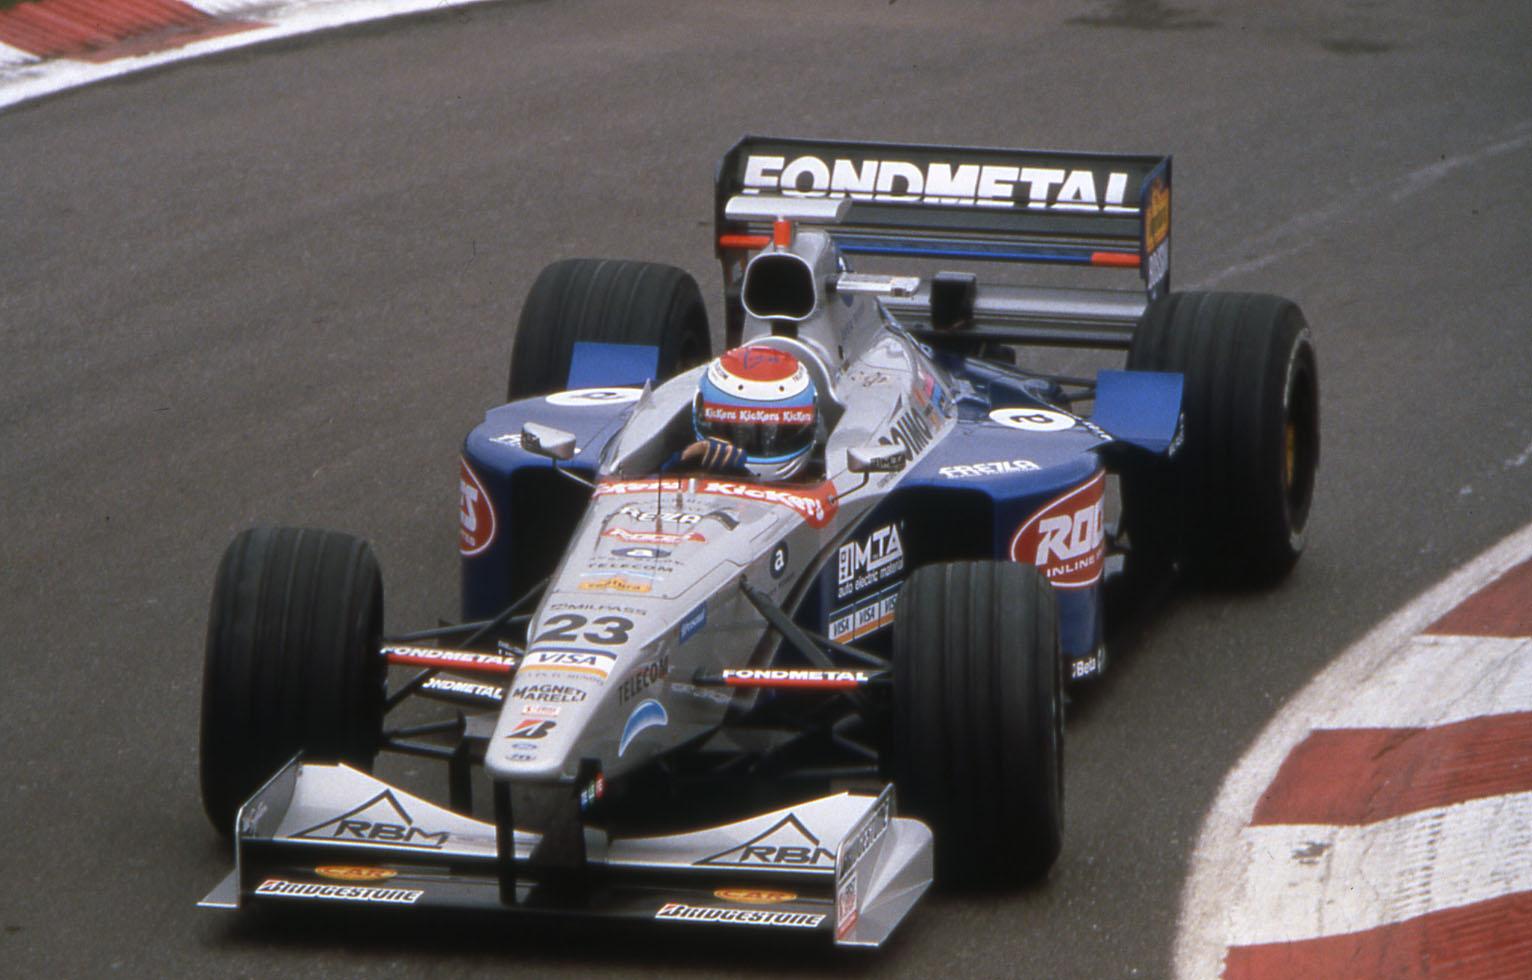 Kemény motorbalesetben sérült meg a volt F1-es pilóta